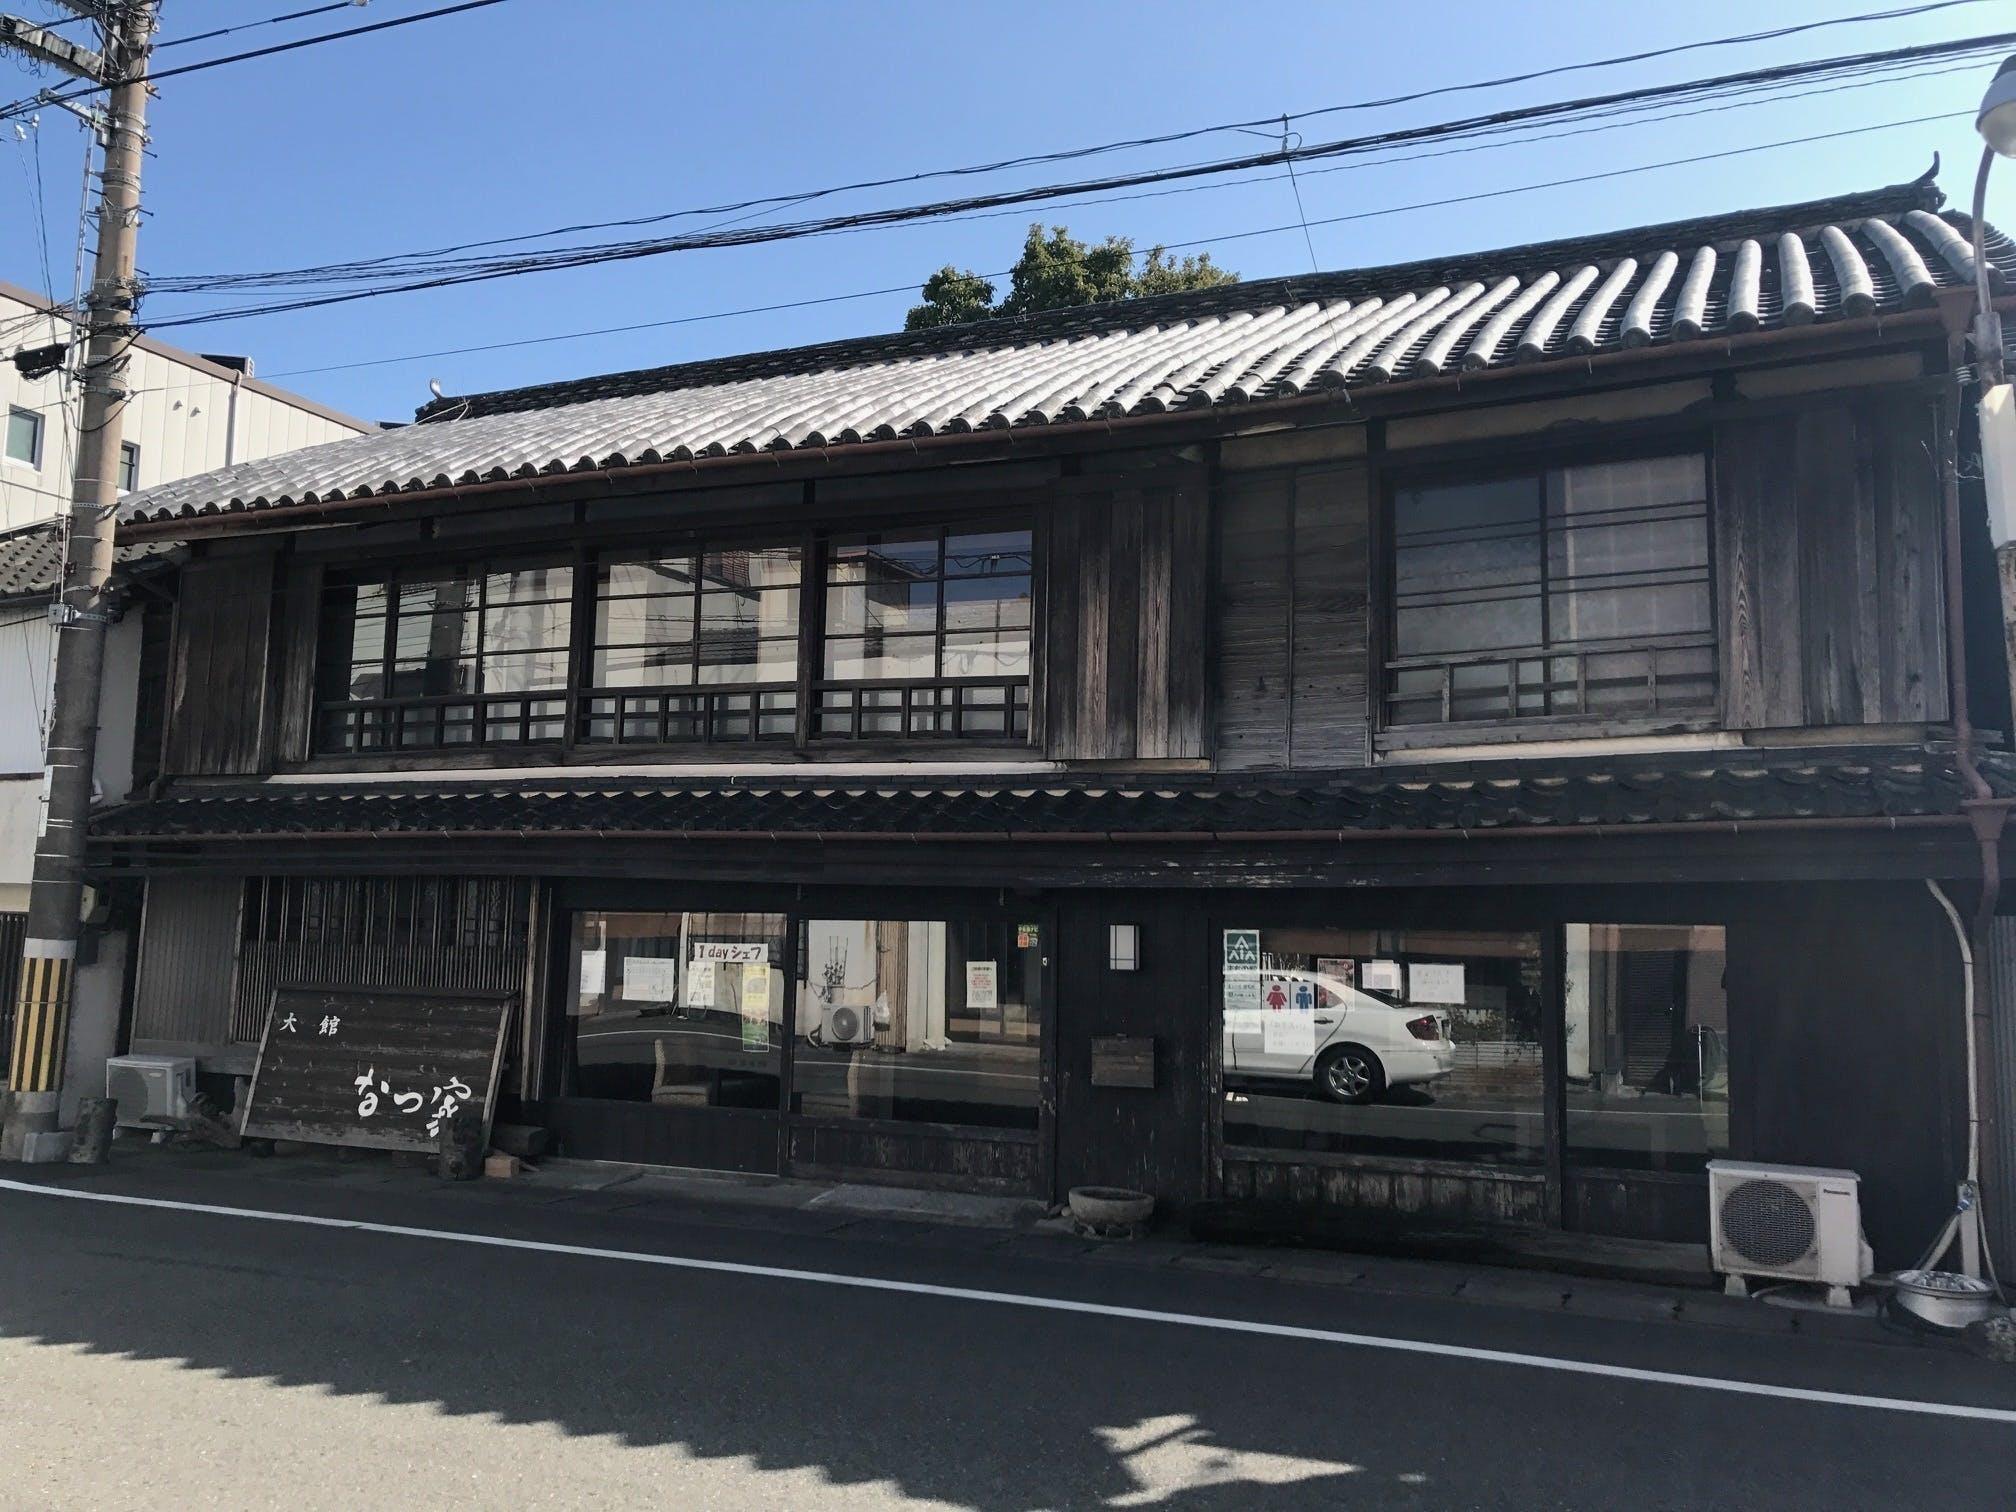 小松島市を日本のポートランドにしたい!小松島に移住して自営業を営む人をサポートします!